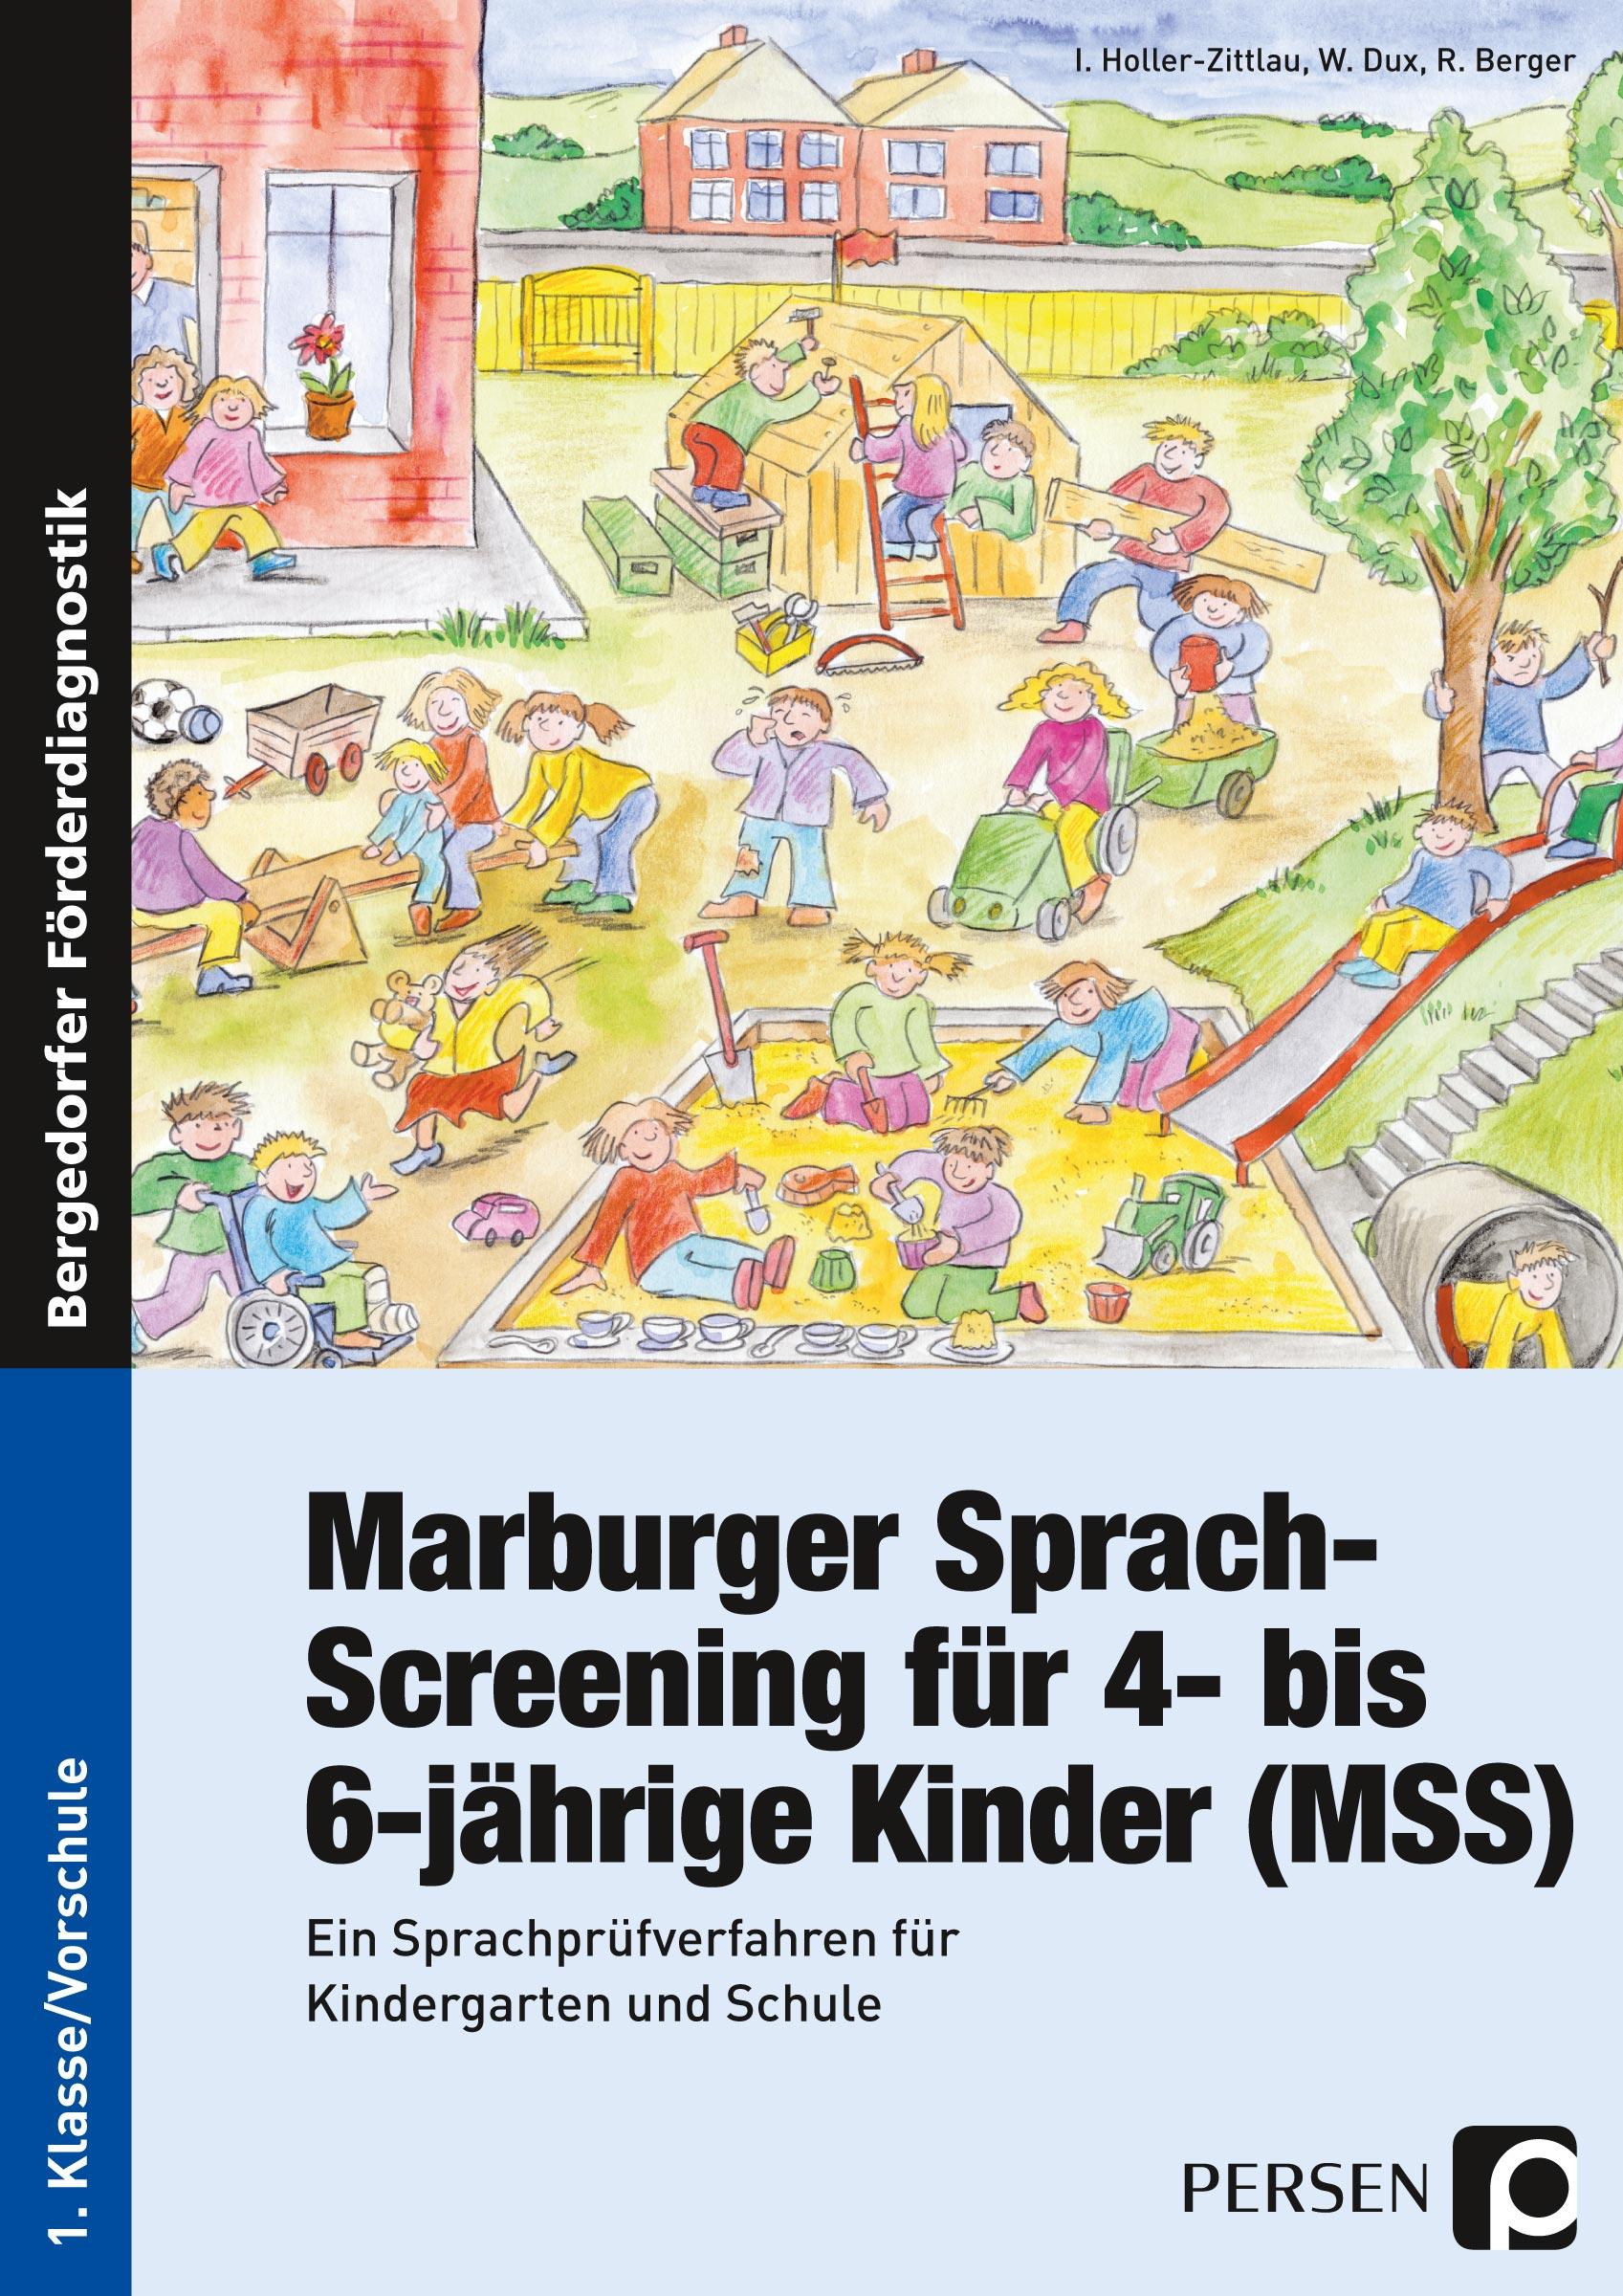 Marburger Sprach-Screening für 4- bis 6-jährige Kinder (MSS): Ein Sprachprüfverfahren für Kindergarten und Schule - Inge